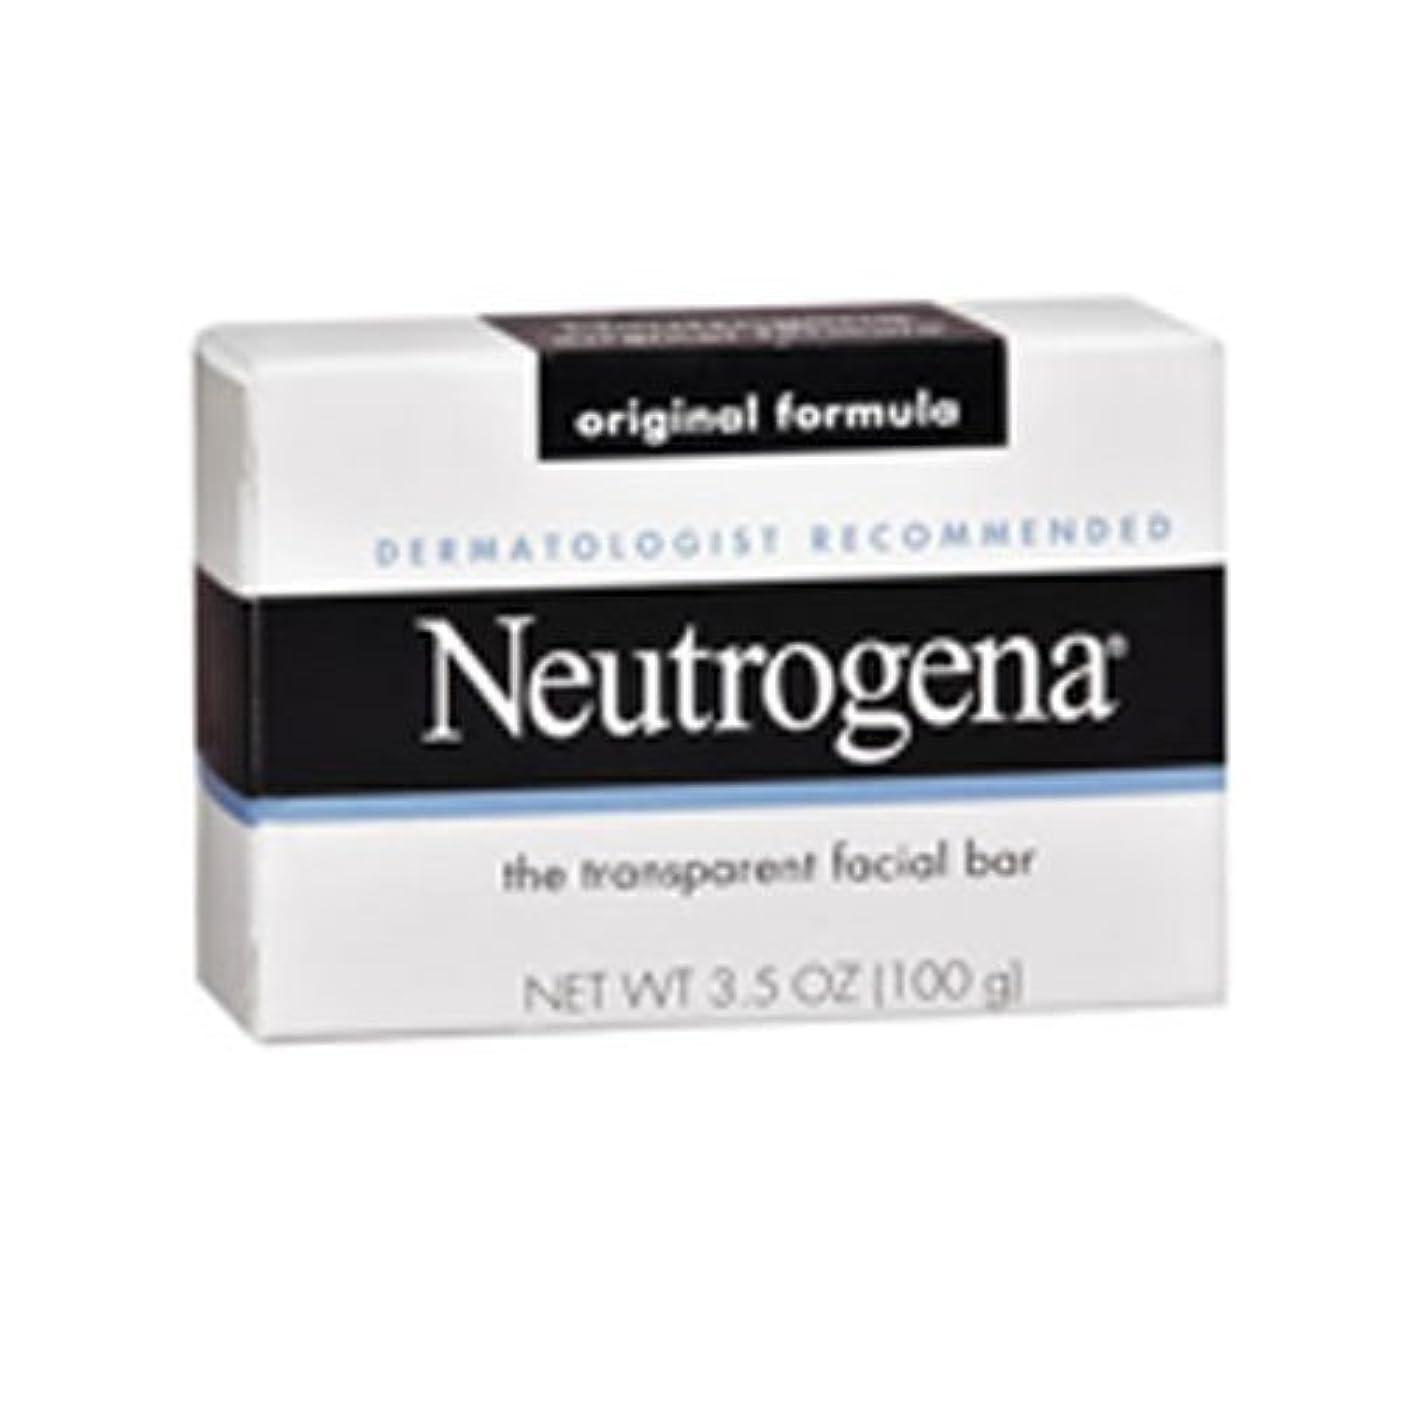 ブランク退屈無人海外直送肘 Neutrogena Transparent Facial Soap Bar, 3.5 oz